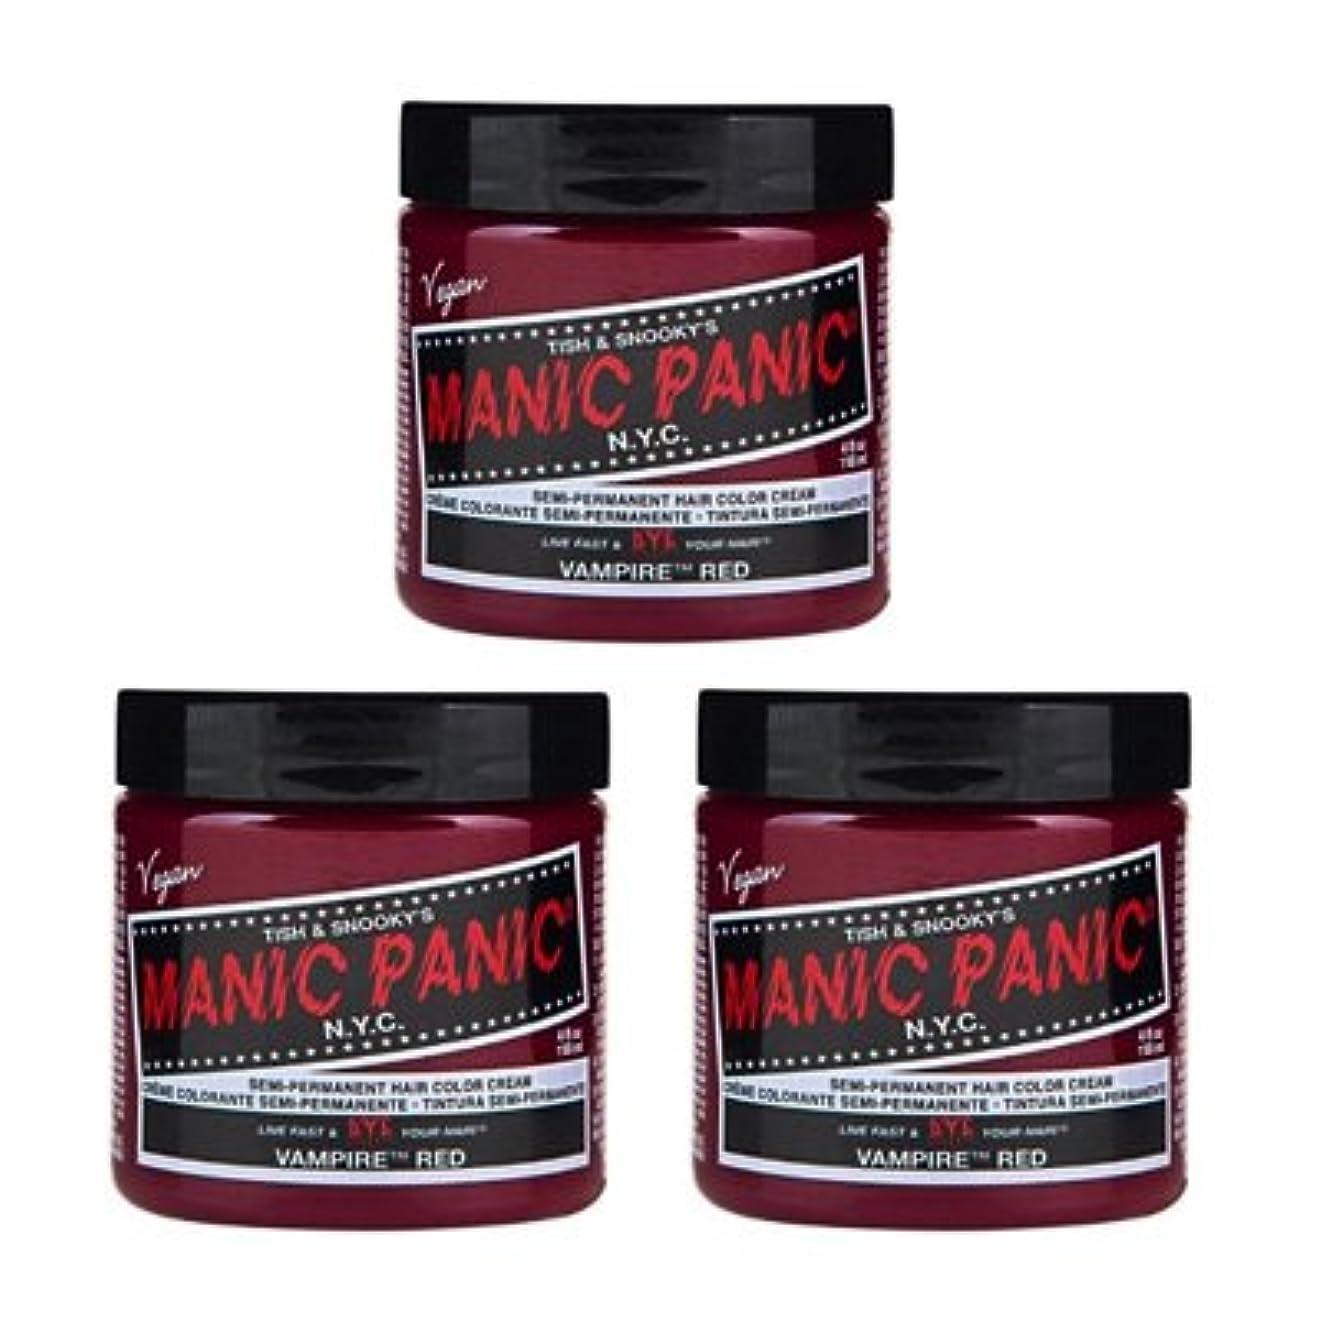 サーキュレーション移植人里離れた【3個セット】MANIC PANIC マニックパニック Vampire Red (ヴァンパイア?レッド) 118ml